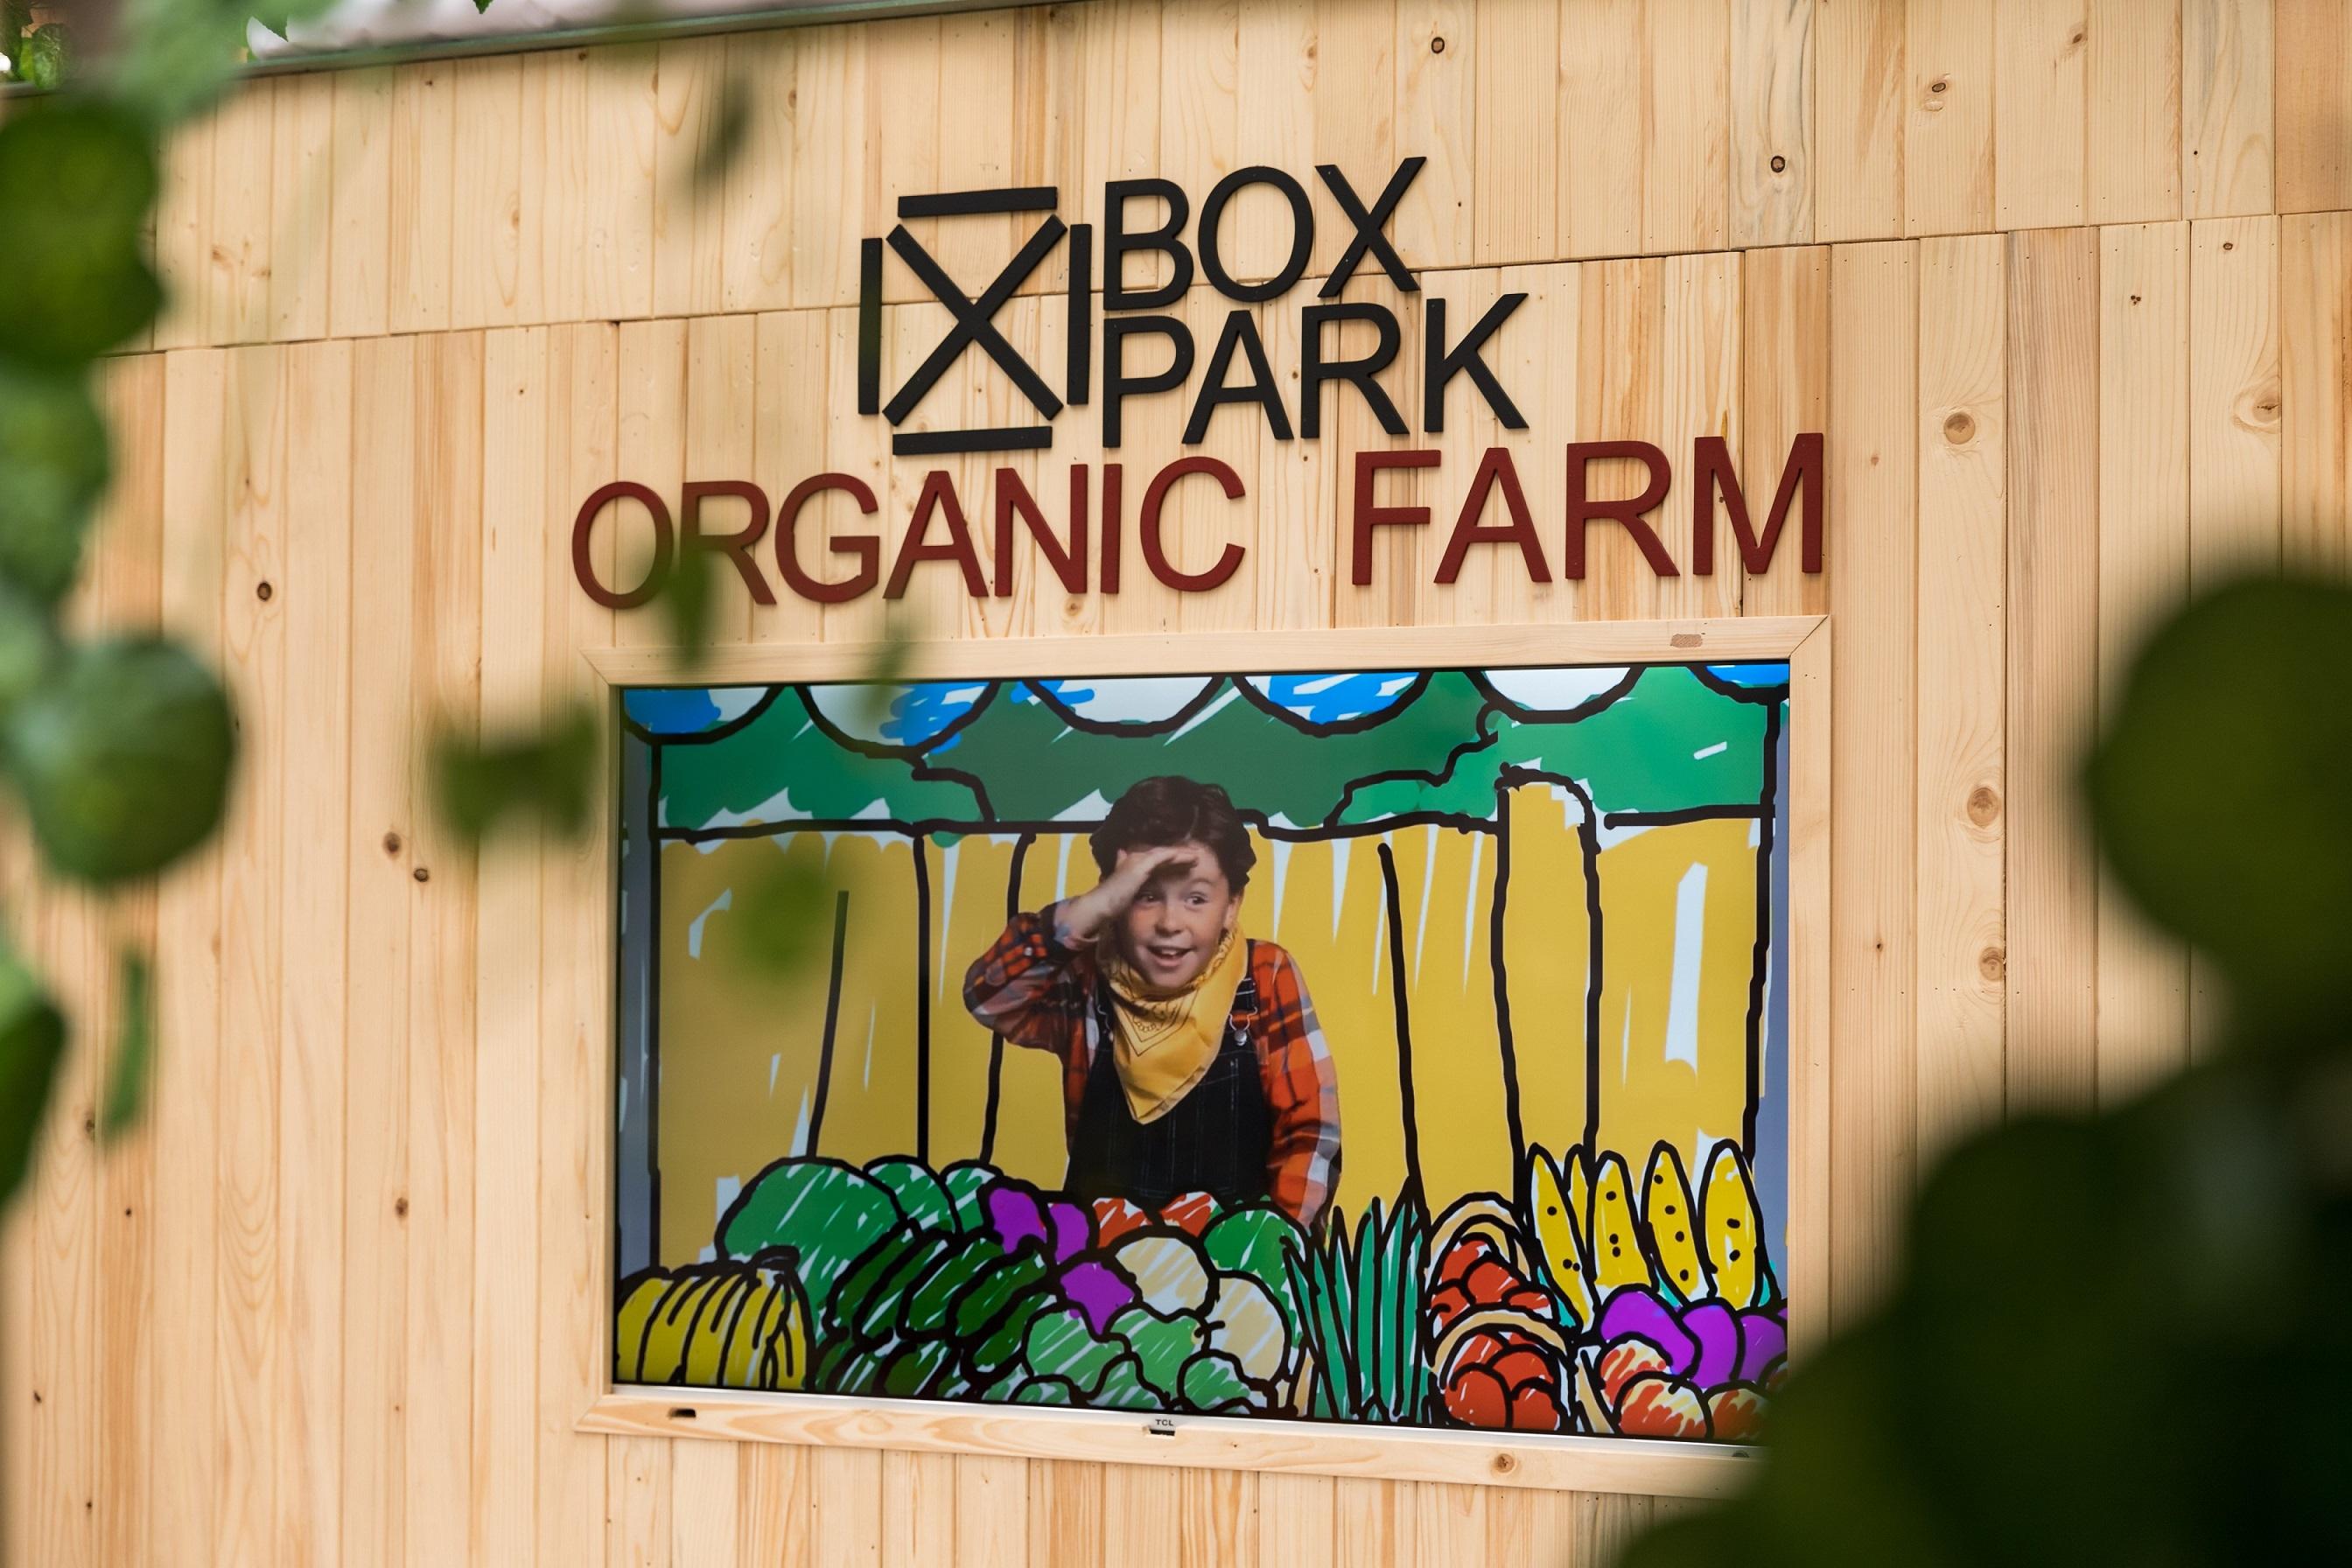 بوكس بارك يُعلم الأطفال طرق الزراعة العضوية والأكل الصحي في دبي